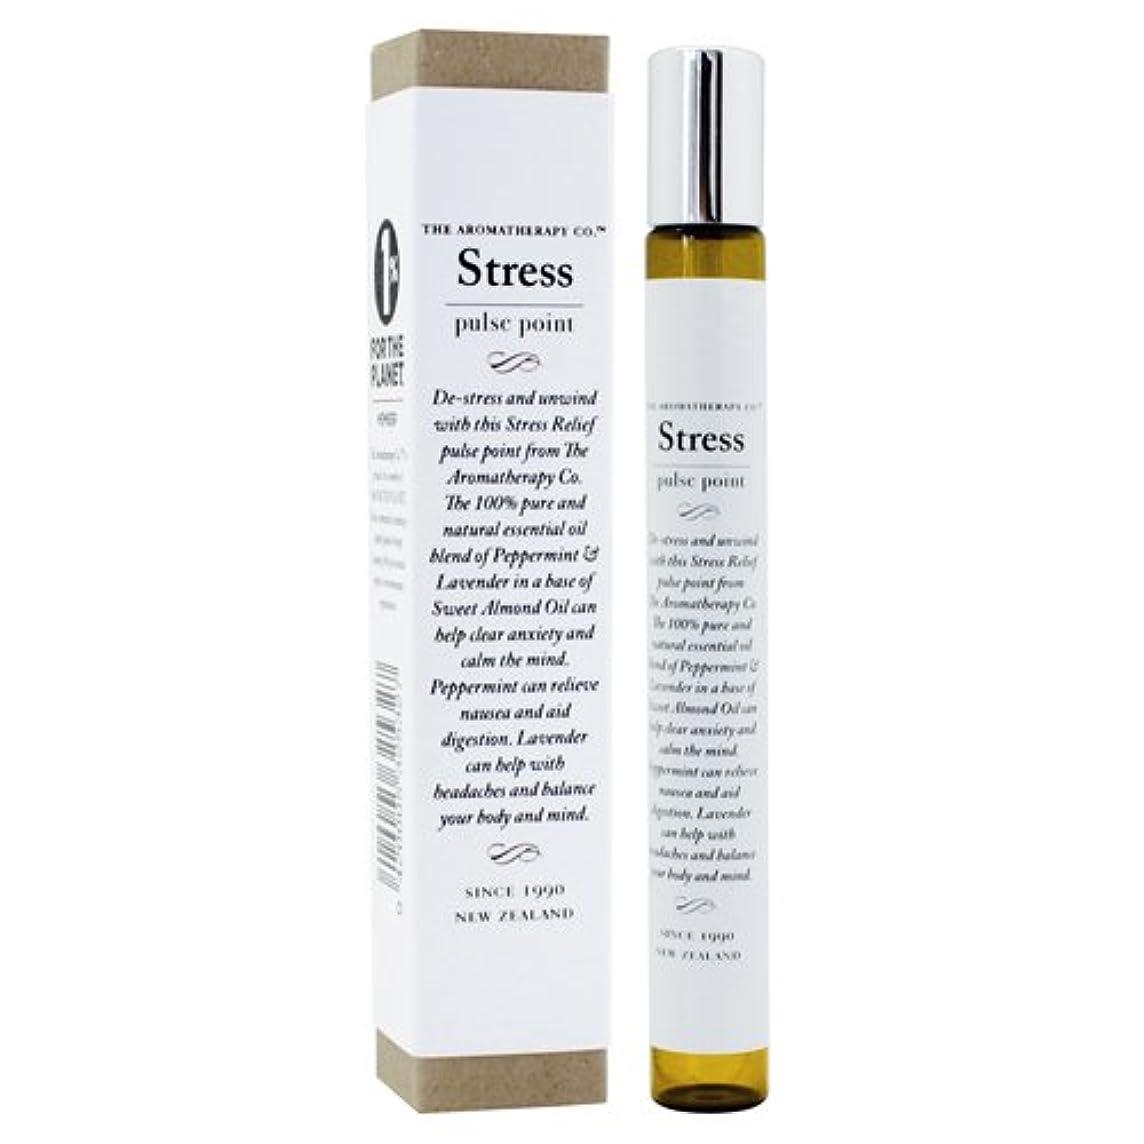 絶壁拘束するホバートTherapy Range セラピーレンジ Pulse Pointパルスポイント Stressストレス